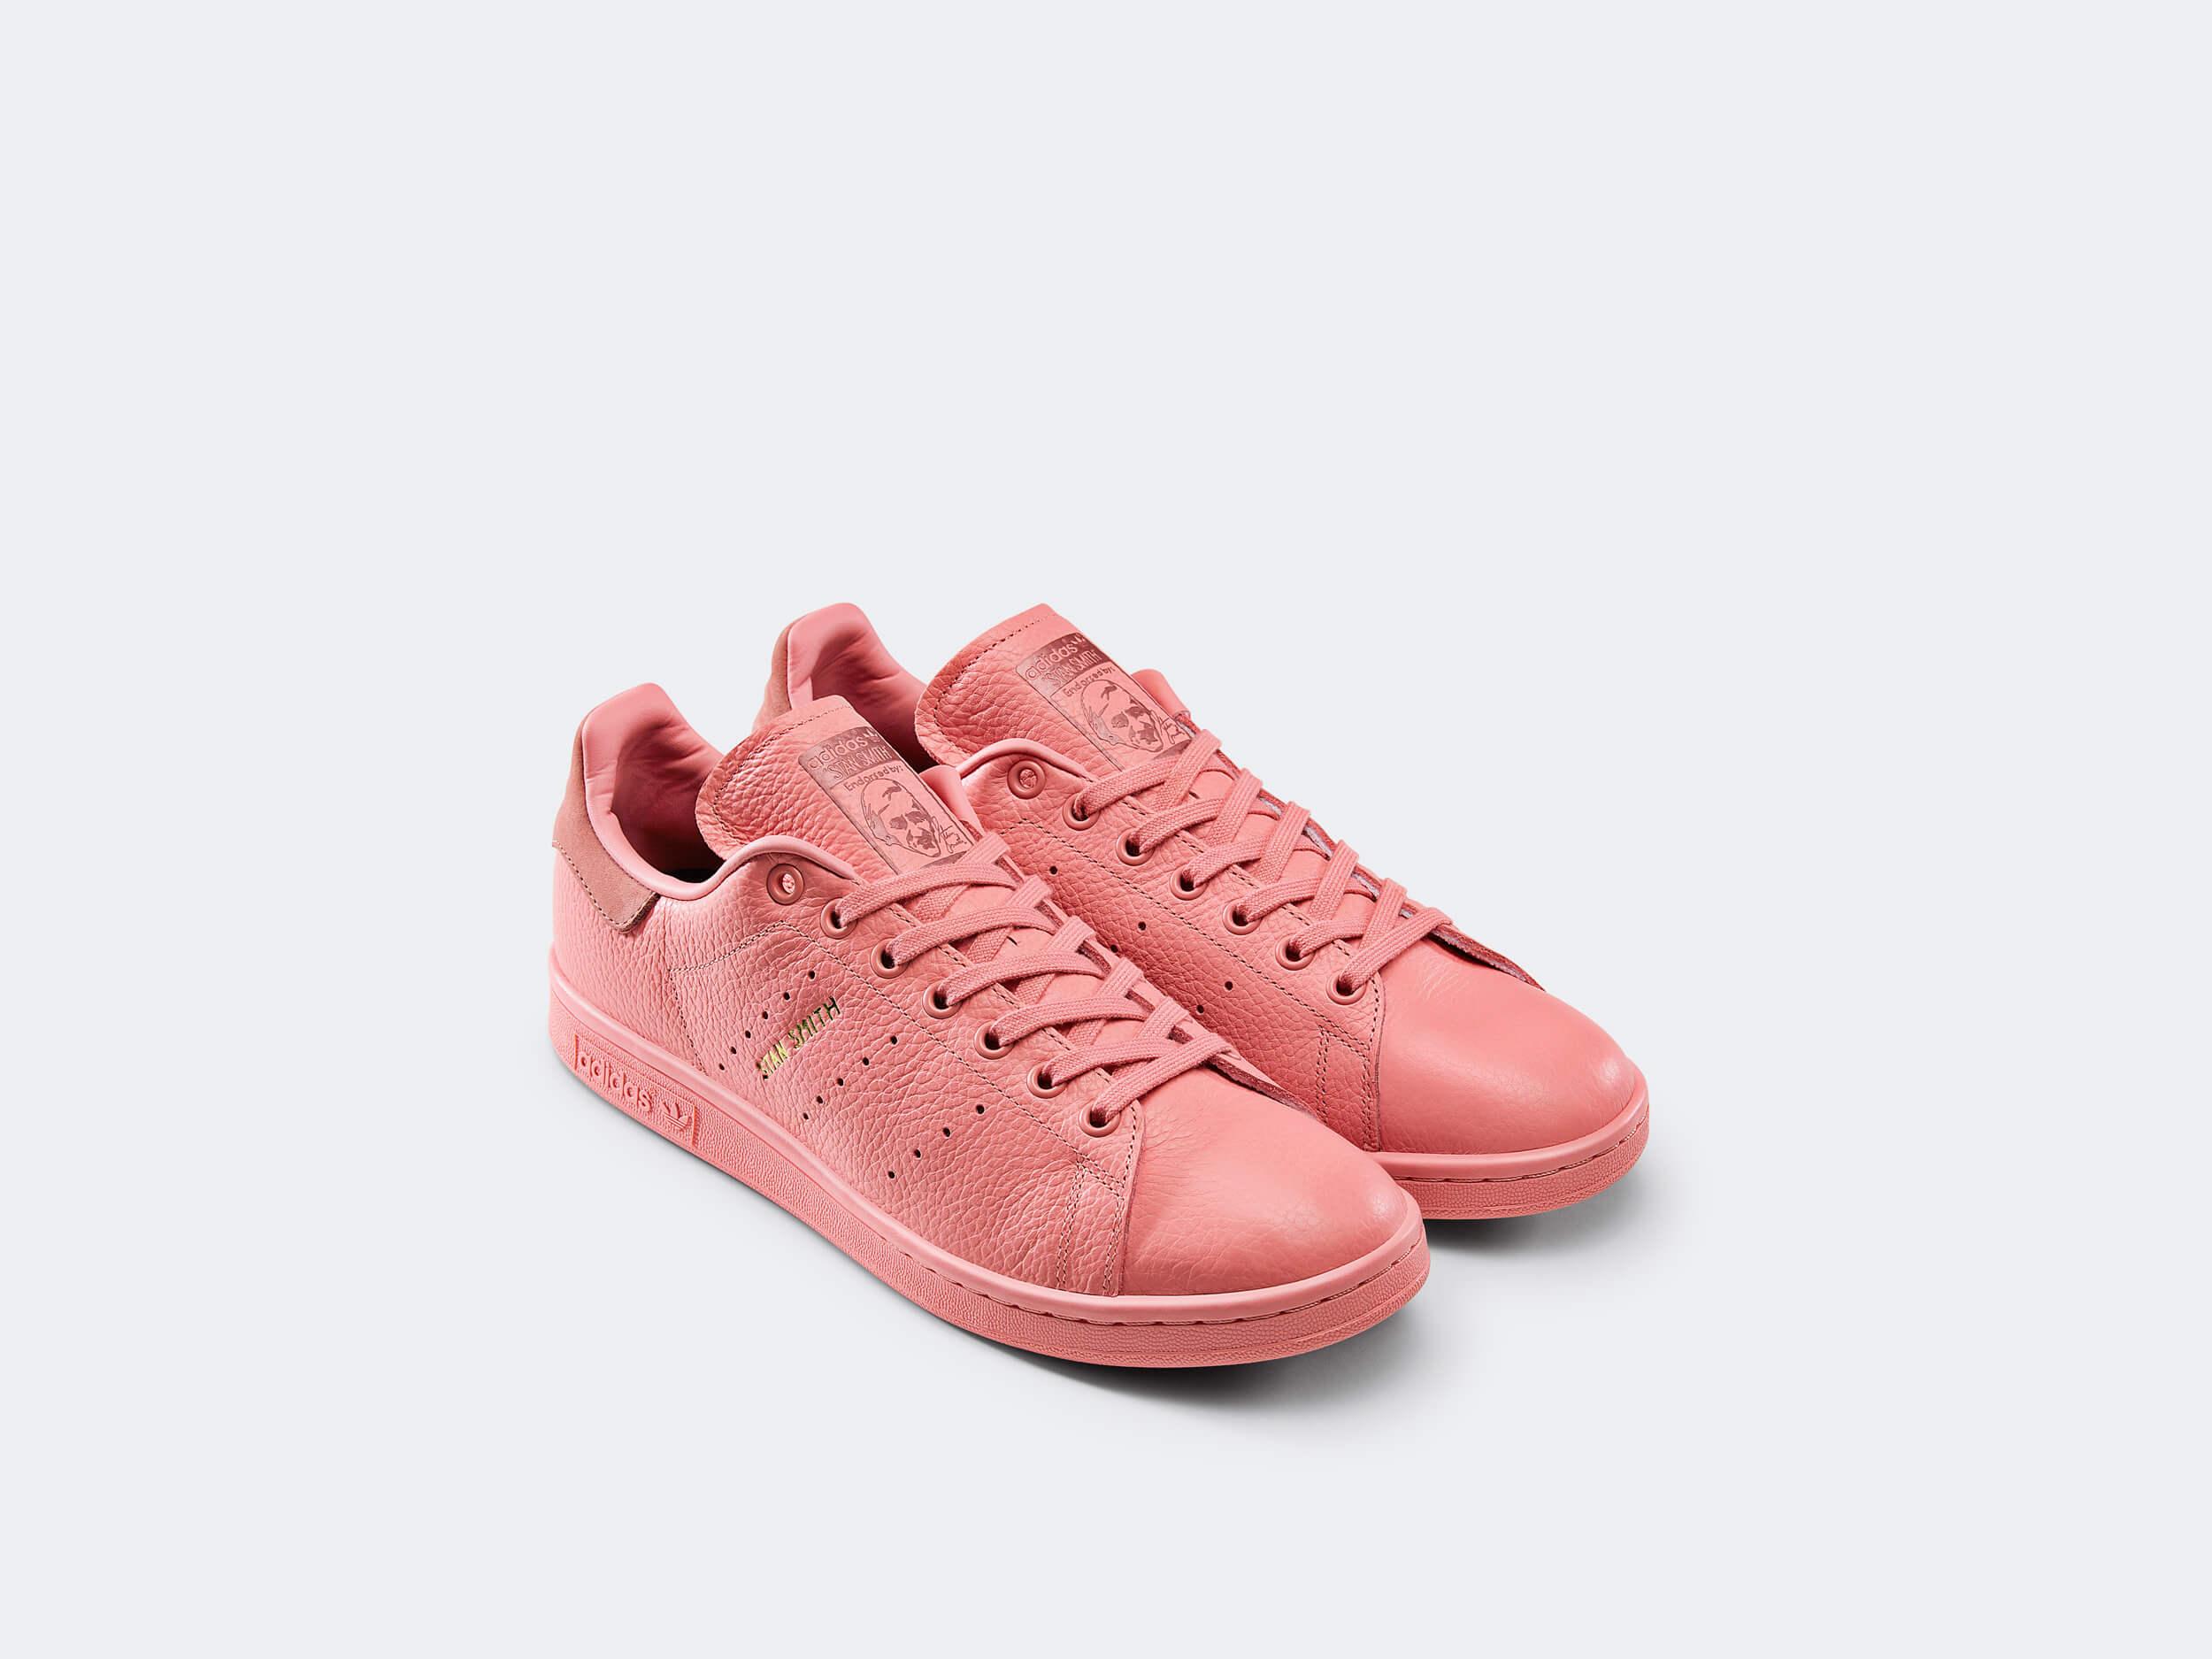 adidas Originals = PHARRELL WILLIAMS - Вдохновленные Original, переосмысленные Фарреллом